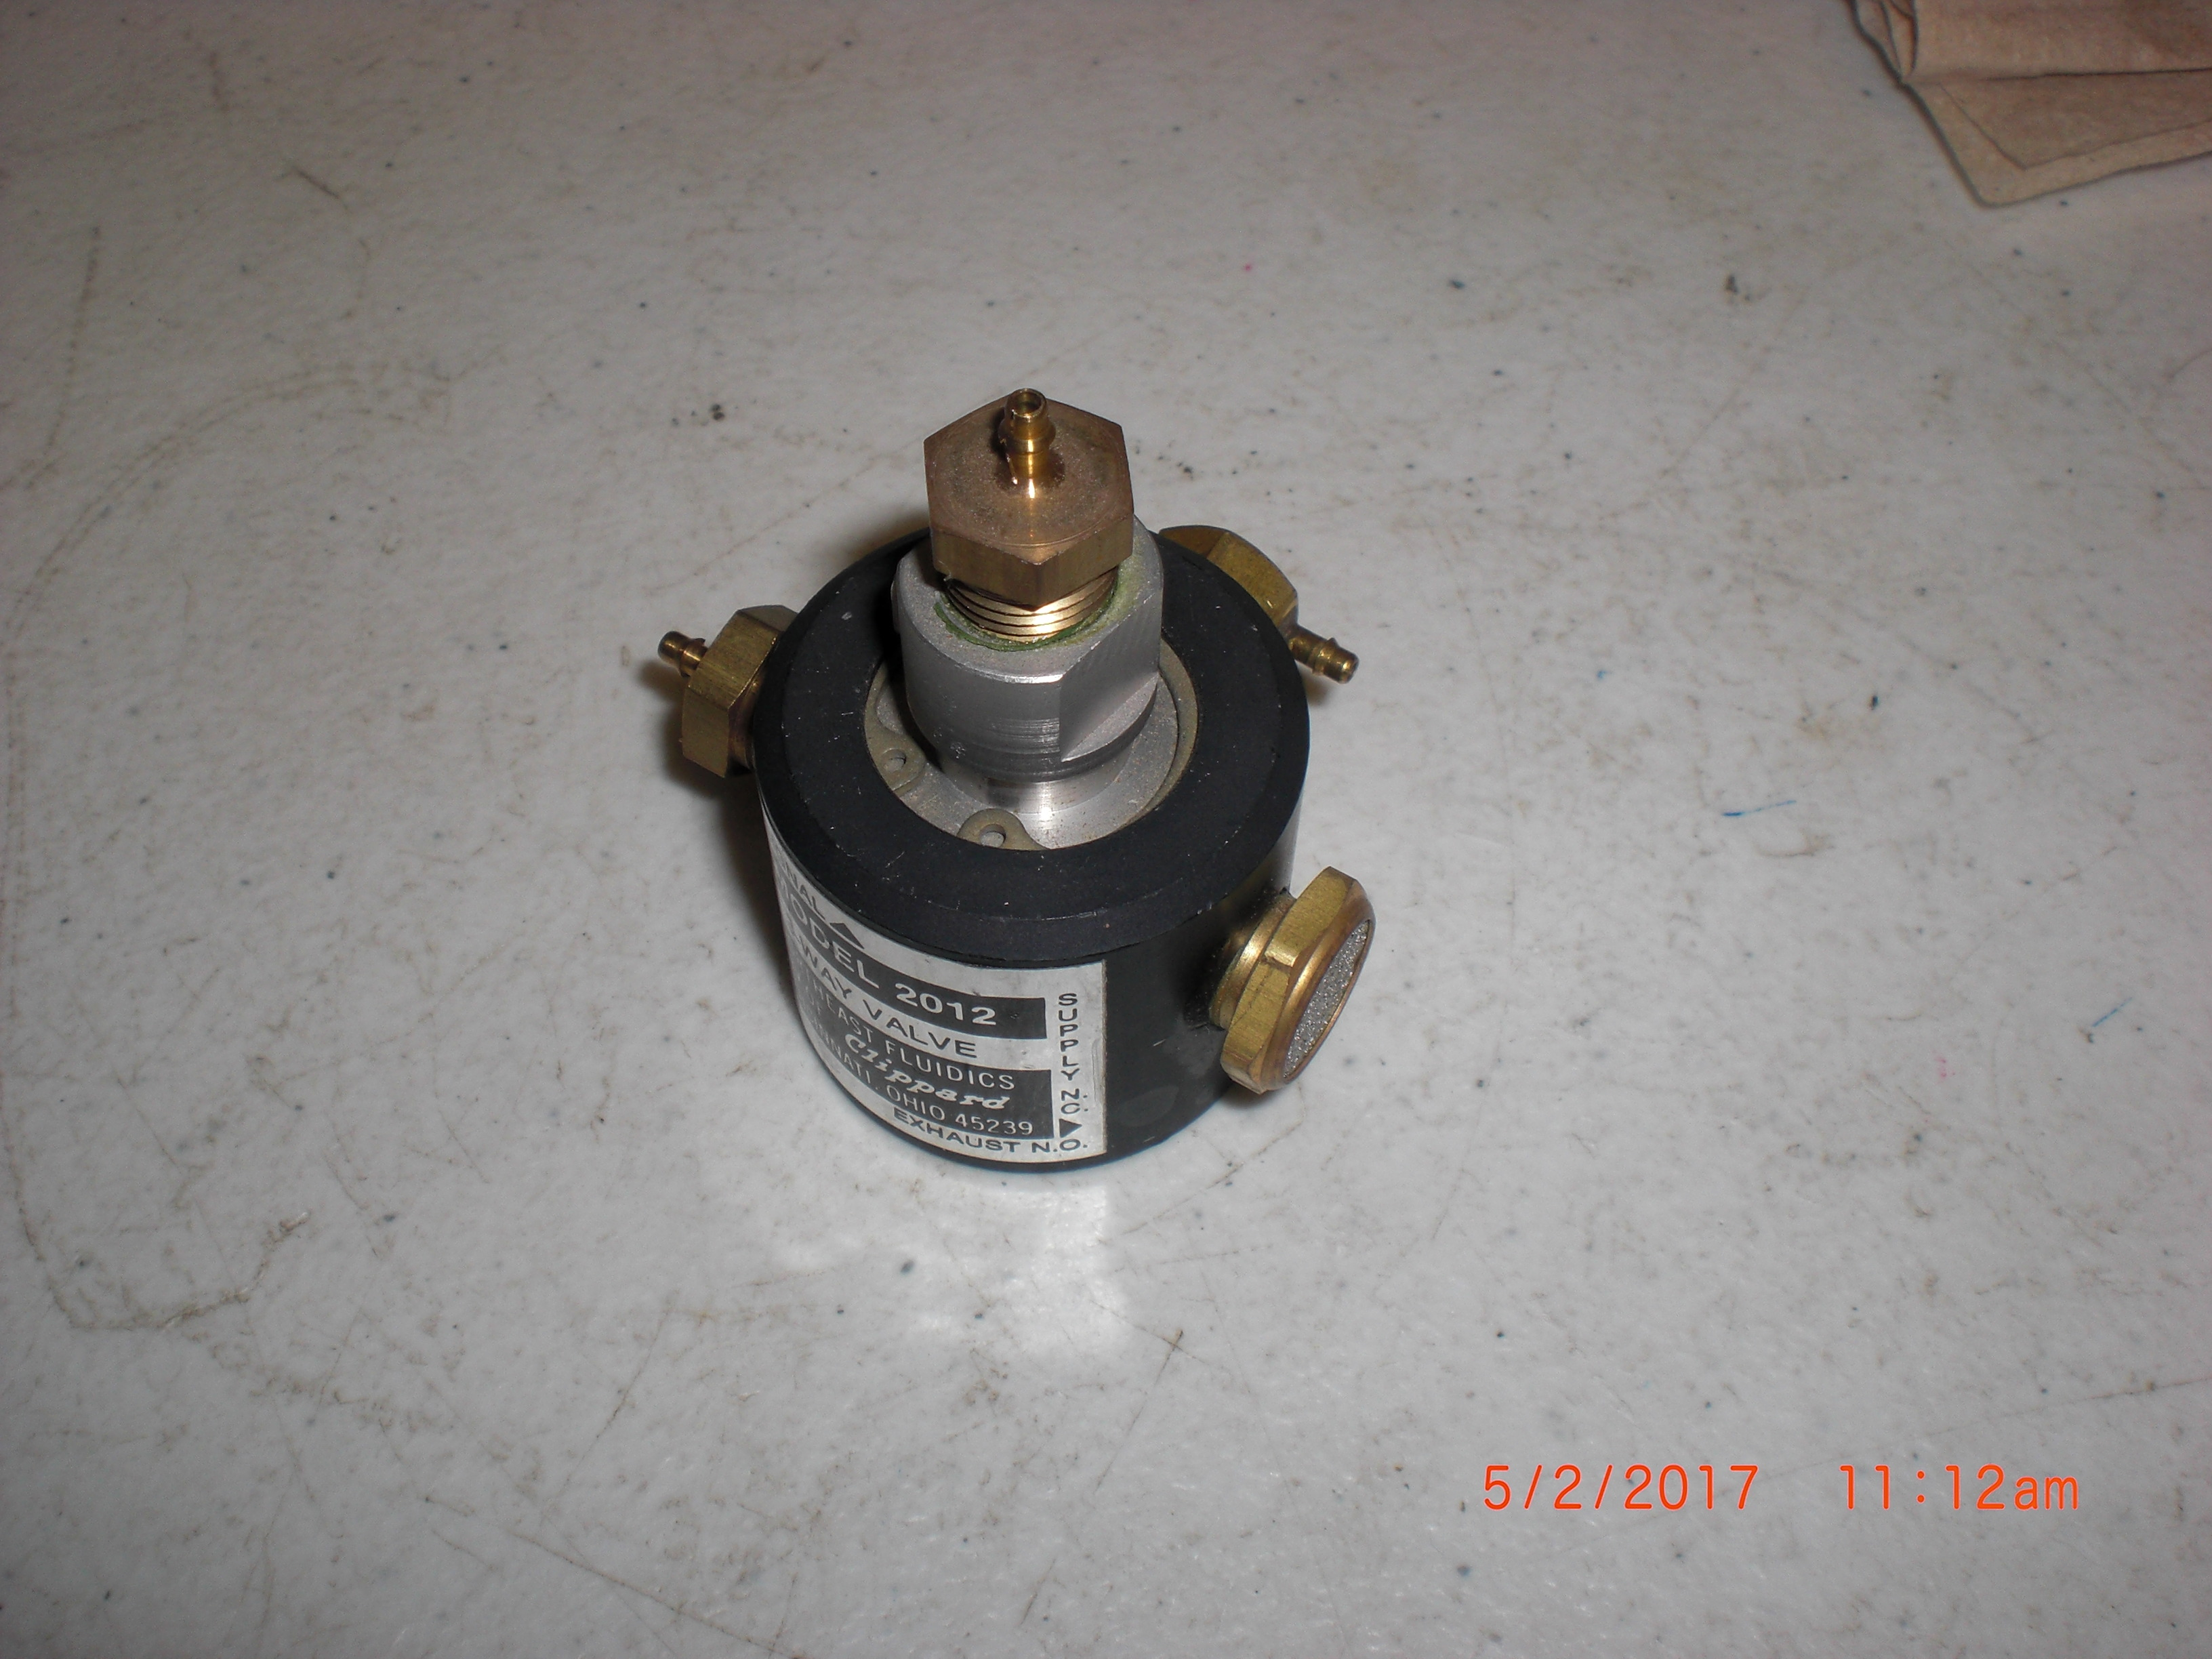 Valve Northeast Fluidics 2012 3 way valve ( Clippard)